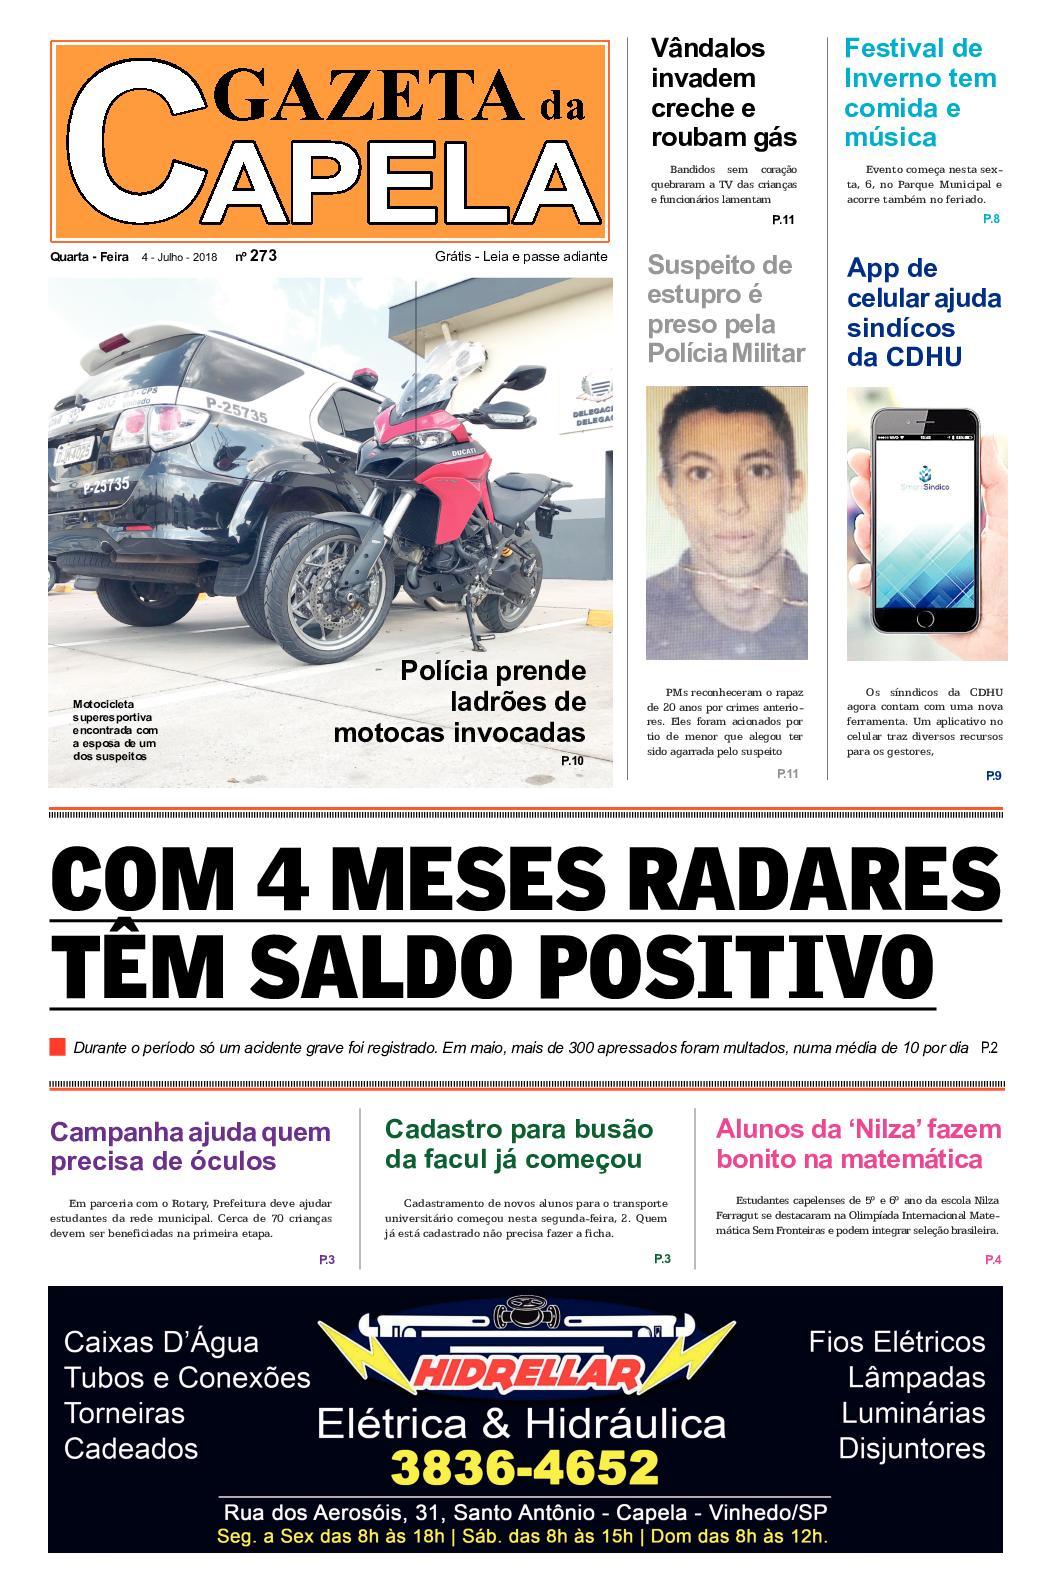 6caf98d2e Calaméo - Gazeta Da Capela 4 De Julho 2018 Edic 273